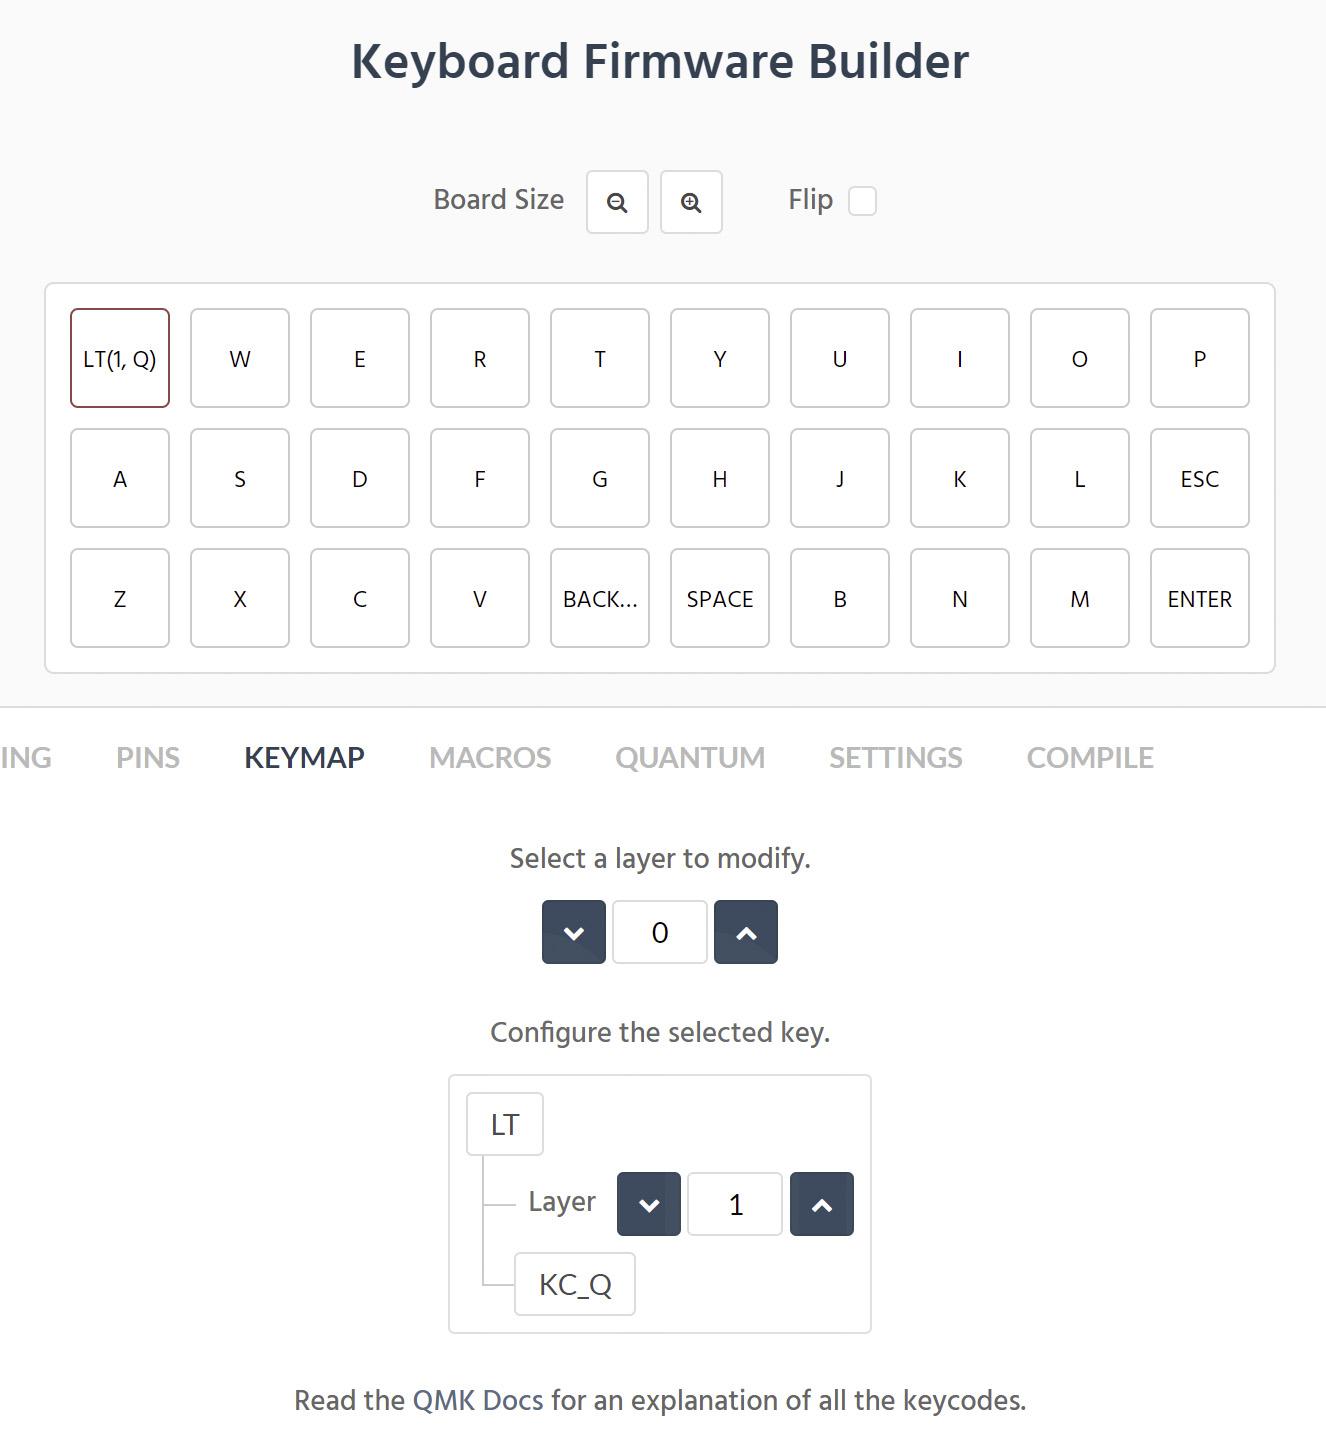 Keyboard Firmware Builder KEYMAP